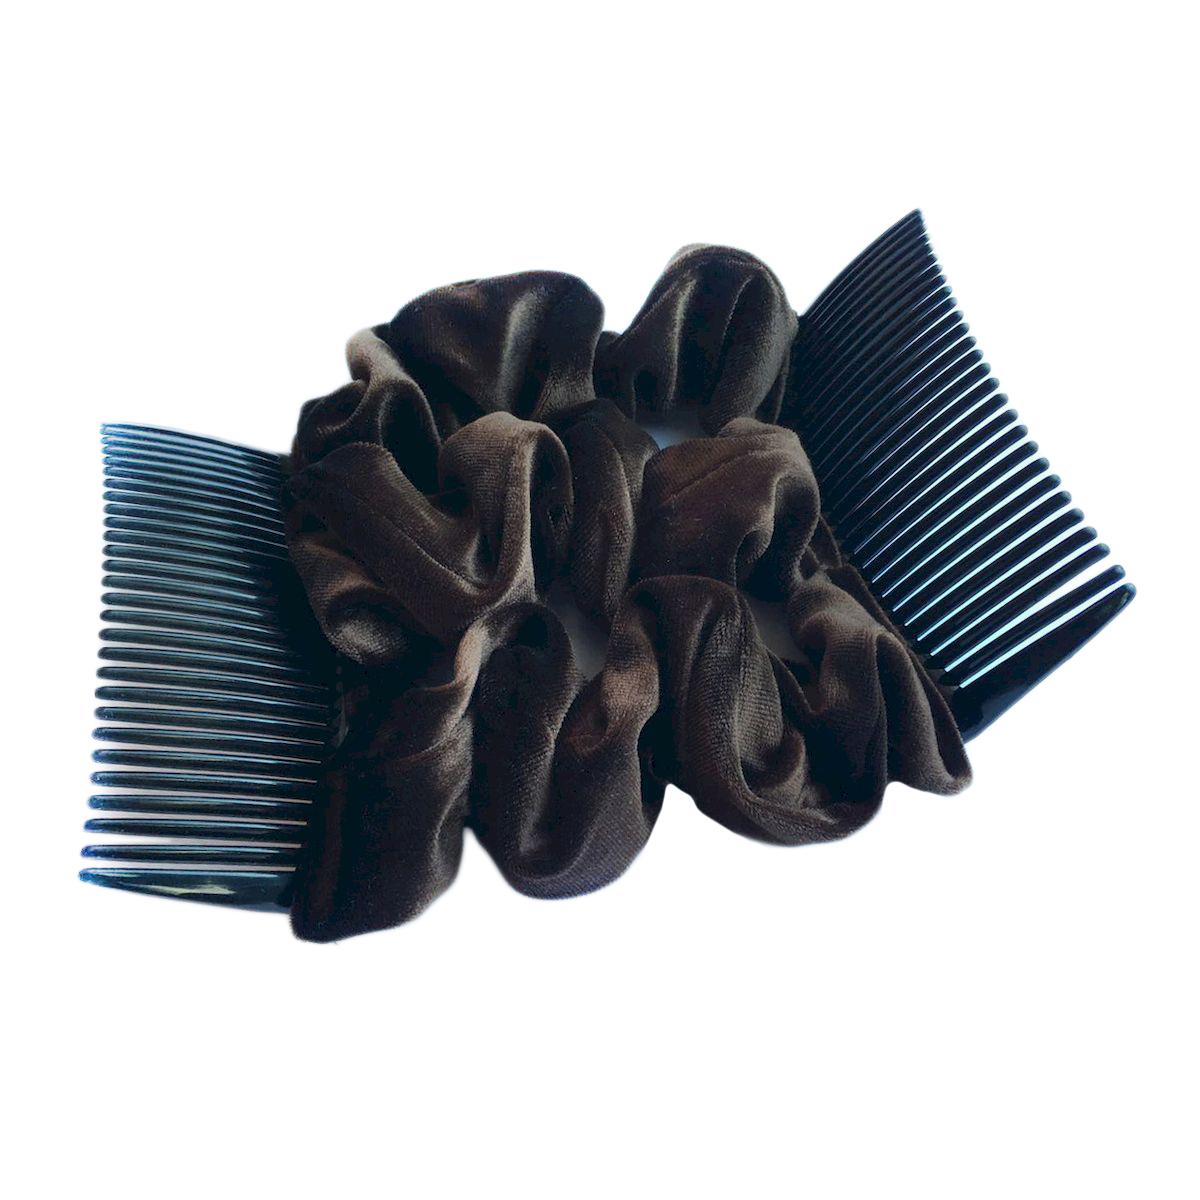 Montar Заколка Монтар, коричневаяЗМТ_кУдобная и практичная MONTAR напоминает Изи Коум.Подходит для любого типа волос: тонких, жестких, вьющихся или прямых, и не наносит им никакого вреда. Заколка не мешает движениям головы и не создает дискомфорта, когда вы отдыхаете или управляете автомобилем.Каждый гребень имеет по 20 зубьев для надежной фиксации заколки на волосах! И даже во время бега и интенсивных тренировок в спортзале Изи Коум не падает; она прочно фиксирует прическу, сохраняя укладку в первозданном виде.Небольшая и легкая заколка поместится в любой дамской сумочке, позволяя быстро и без особых усилий создавать неповторимые прически там, где вам это удобно. Гребень прекрасно сочетается с любой одеждой: будь это классический или спортивный стиль, завершая гармоничный облик современной леди. И неважно, какой образ жизни вы ведете, если у вас есть MONTAR, вы всегда будете выглядеть потрясающе.Применение:1) Вставьте один из гребней под прическу вогнутой стороной к поверхности головы.2) Поместите пальцы рук в заколку, чтобы придержать волосы, и закрепите первый гребень.3) Второй гребень оберните поверх прически и вставьте с другой стороны вогнутой поверхностью к голове и закрепите его.